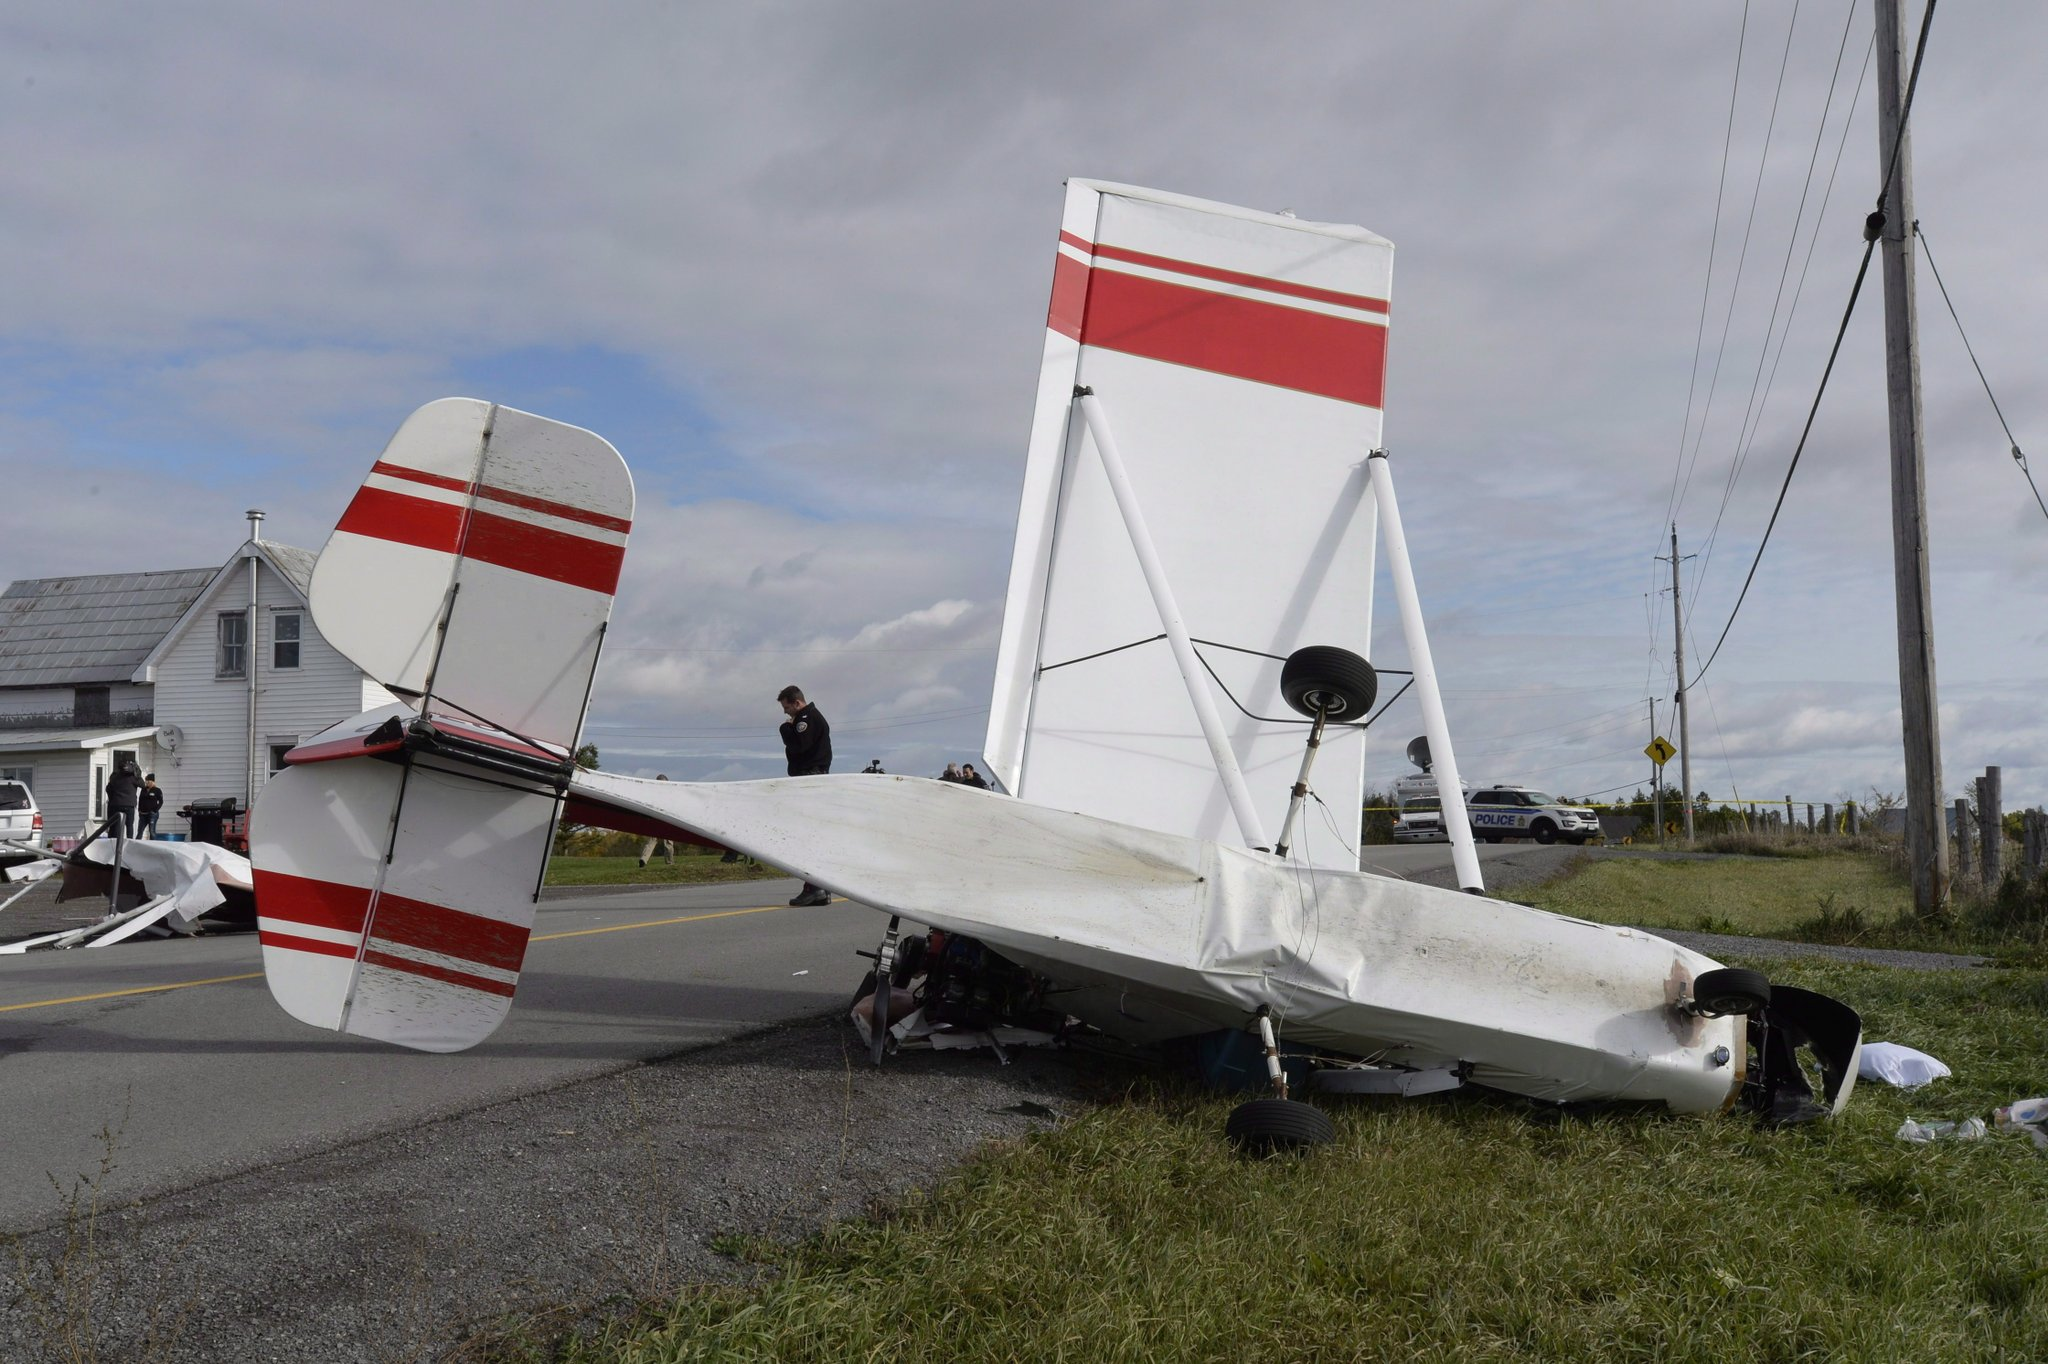 Καναδάς: Σύγκρουση δύο αεροσκάφων, ένας νεκρός!